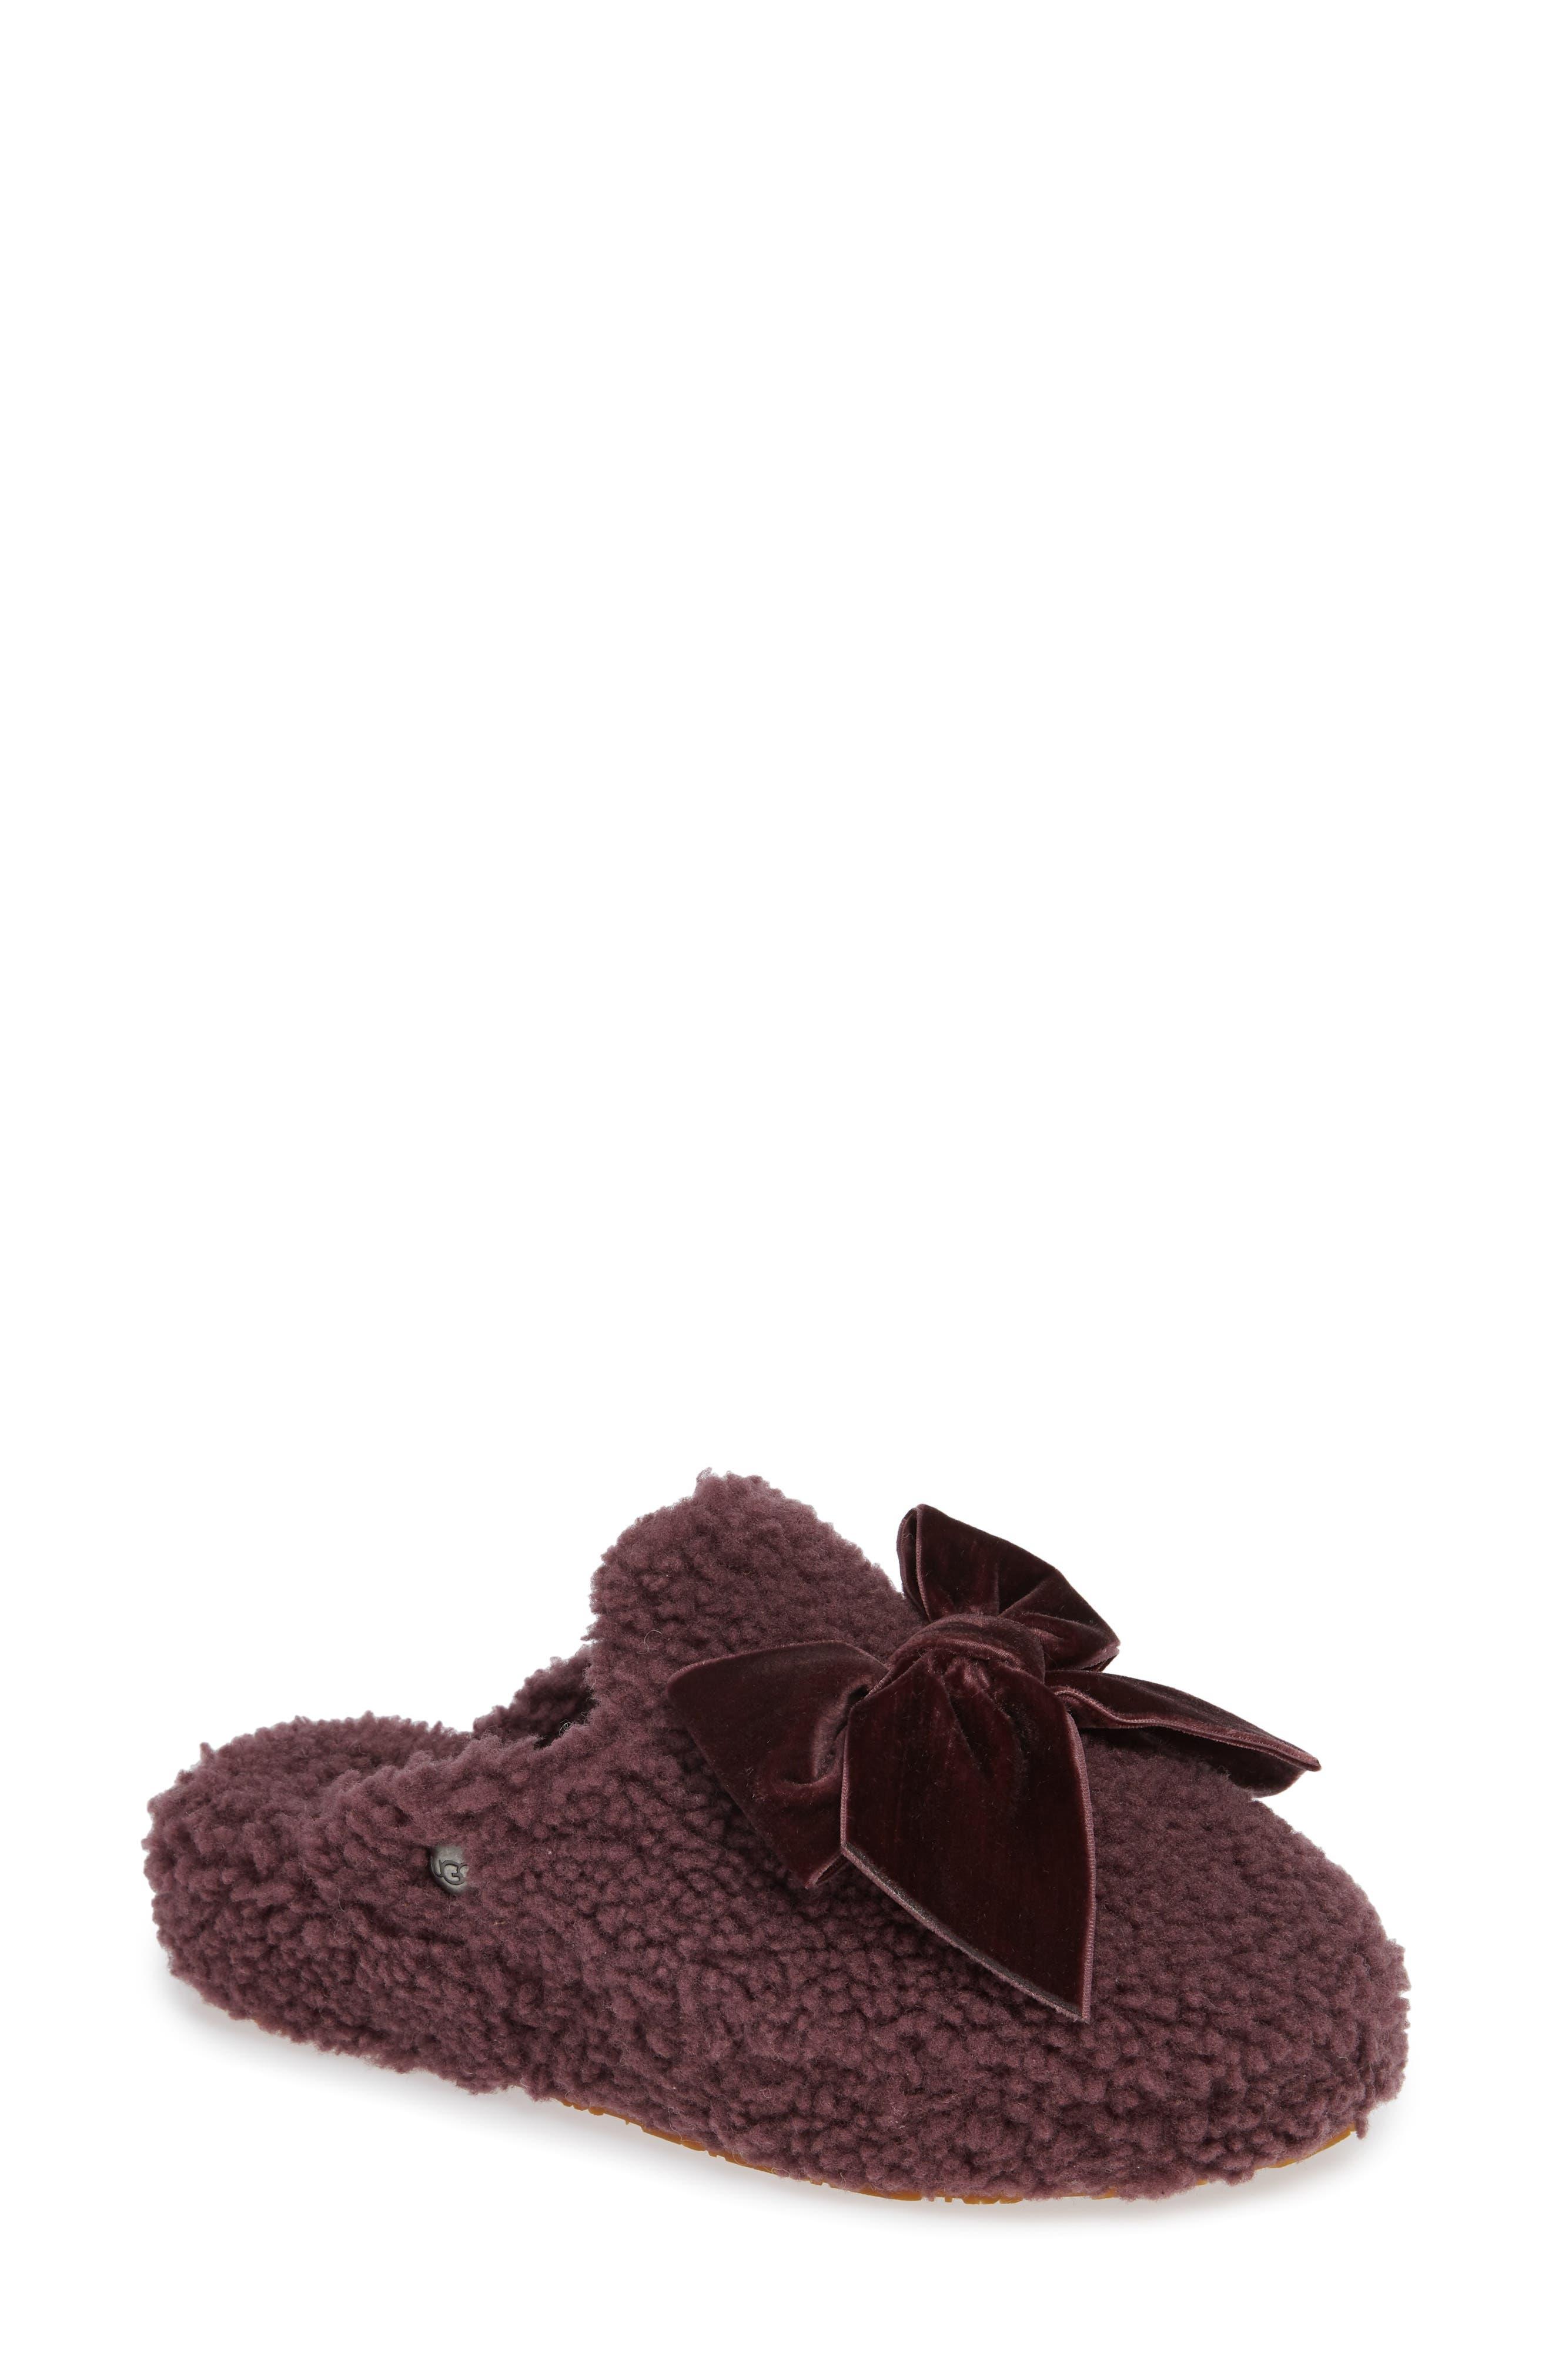 Addison Velvet Bow Genuine Shearling Slipper,                         Main,                         color, PORT